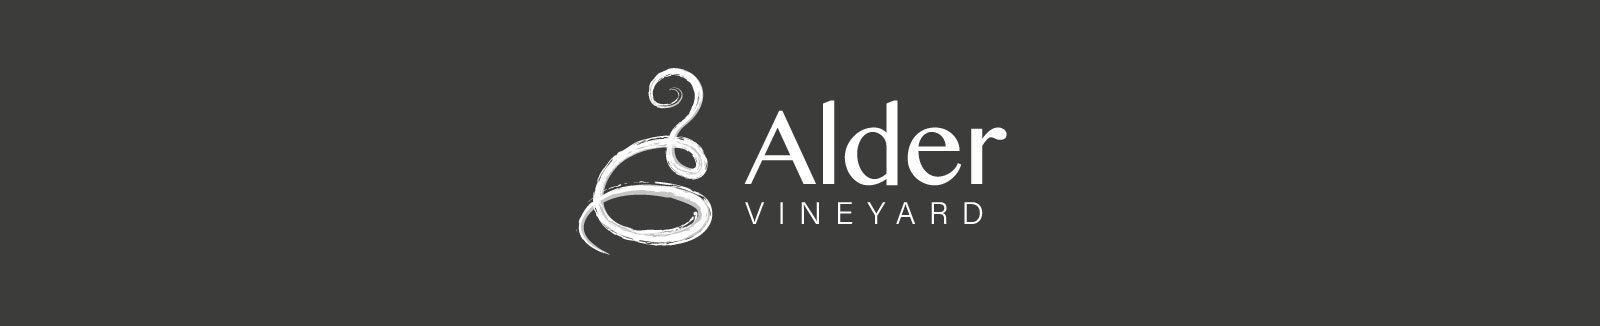 Dark logo - Alder Vineyard Branding